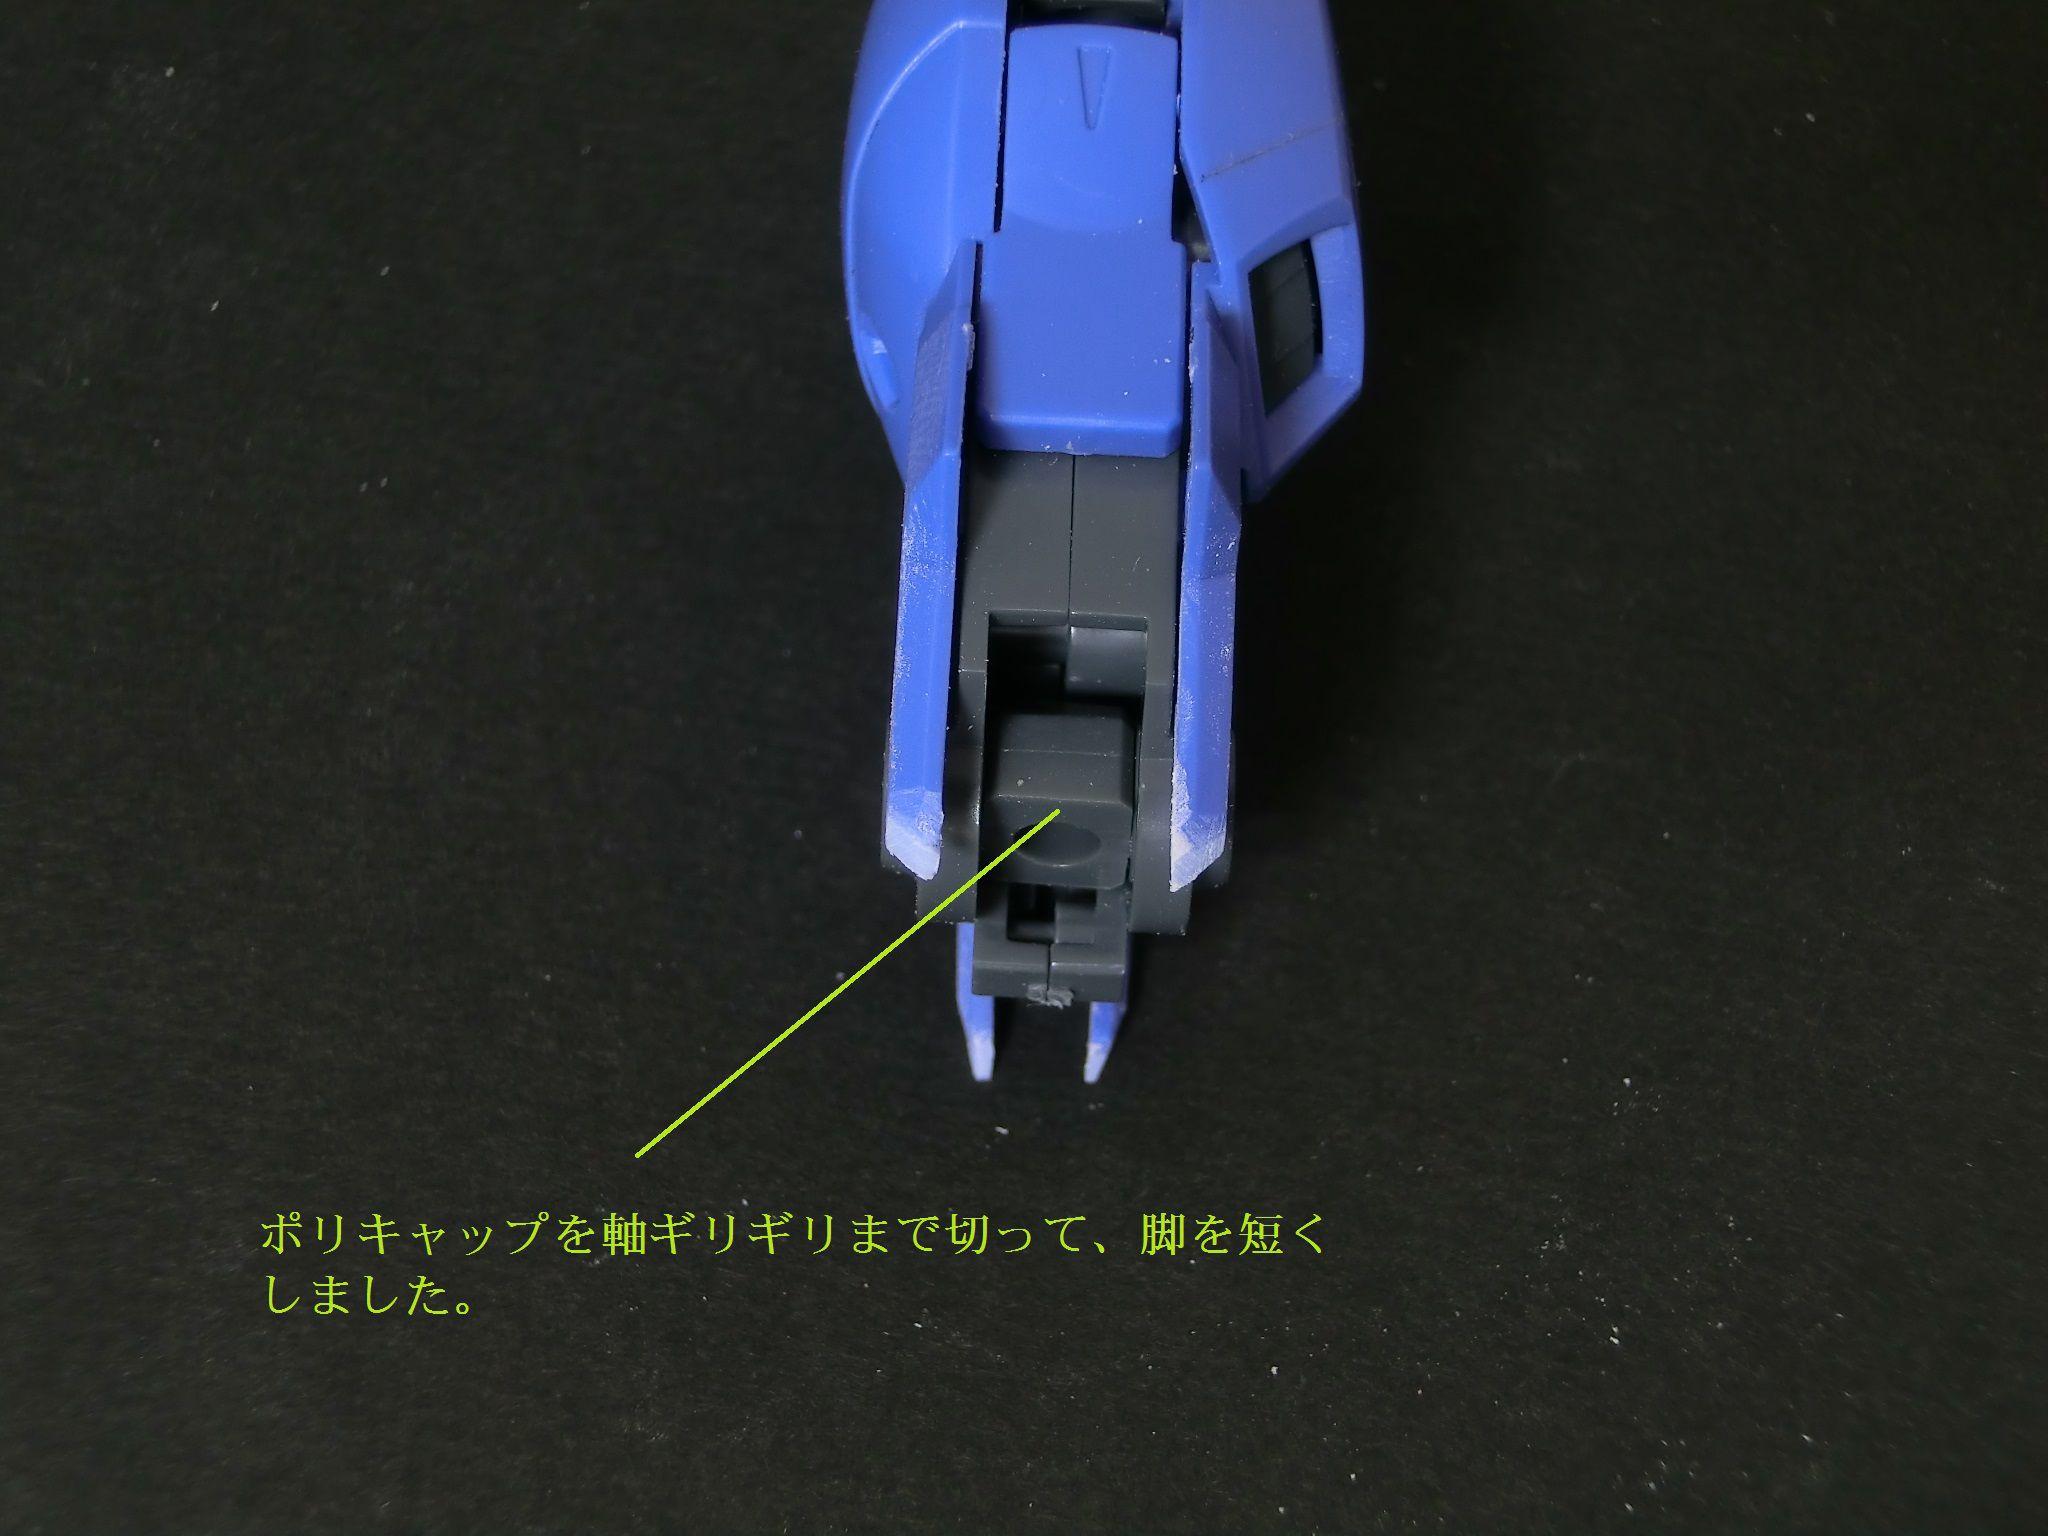 MG0393.jpg